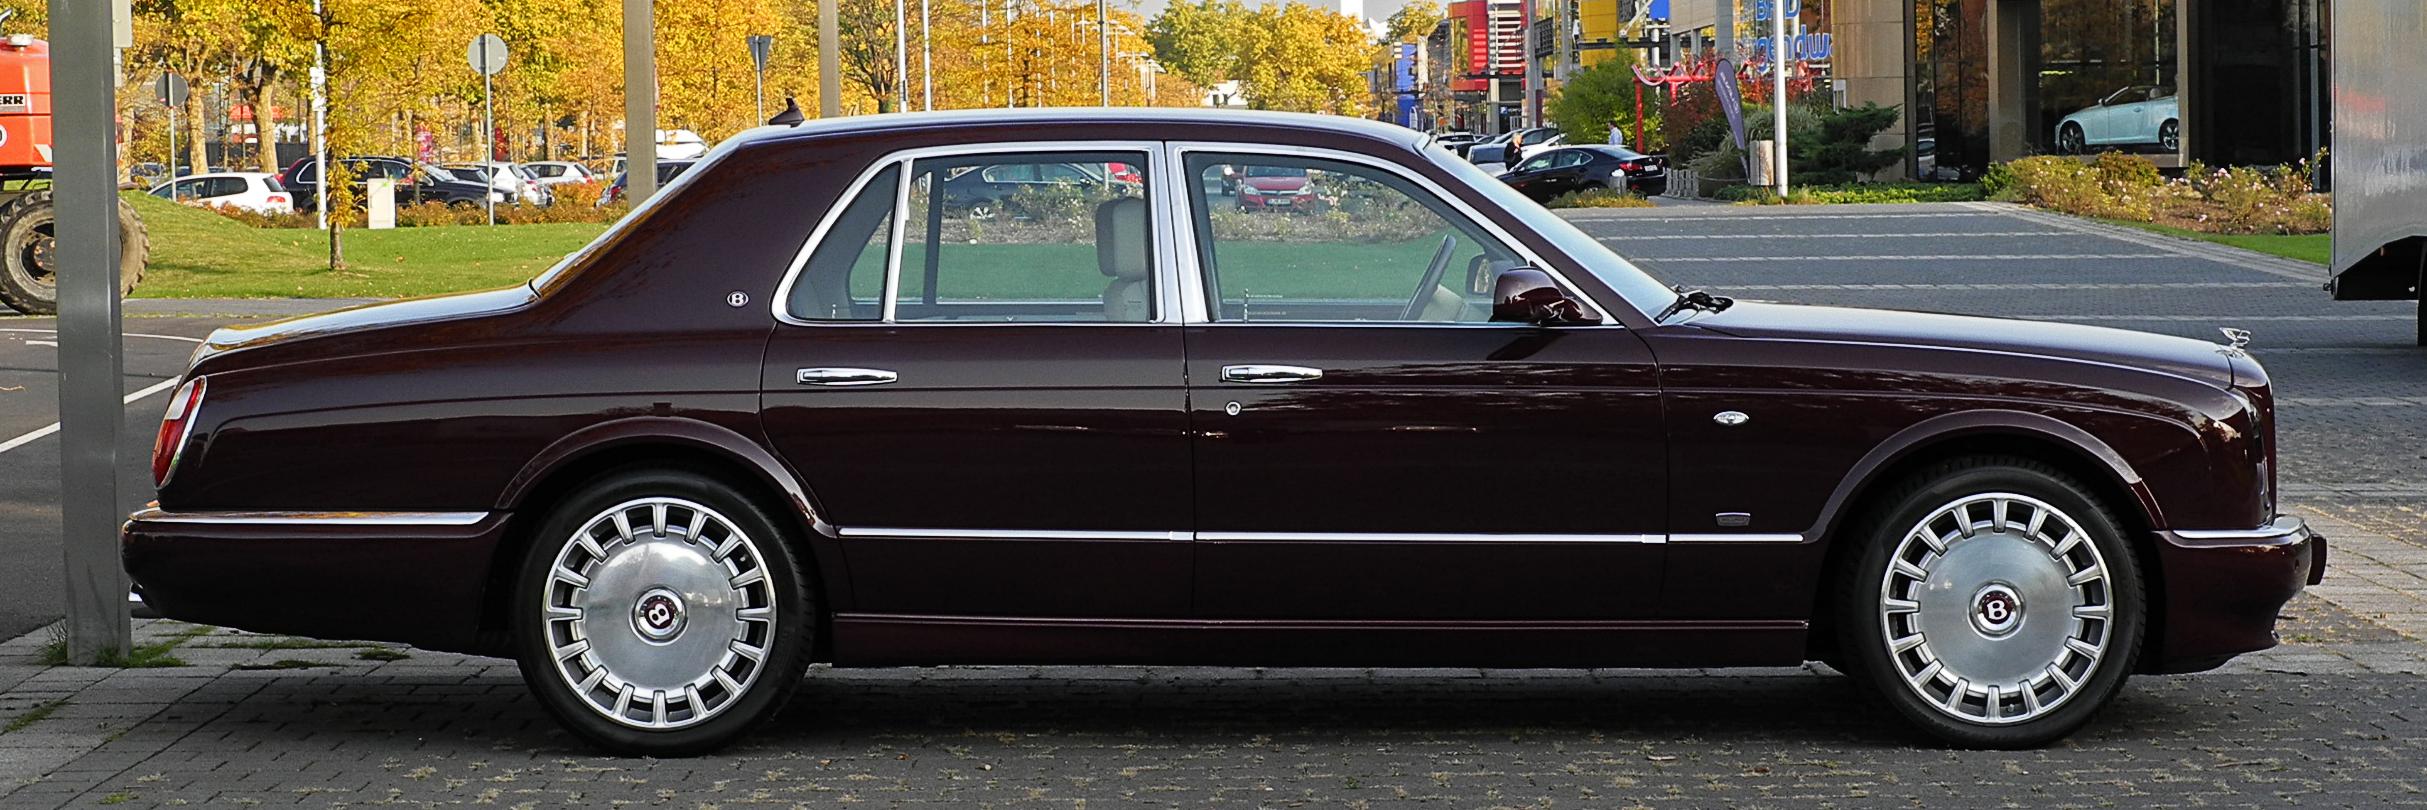 File:Bentley Arnage R Mulliner (Facelift) – Seitenansicht, 28. Oktober 2011, Düsseldorf.jpg ...